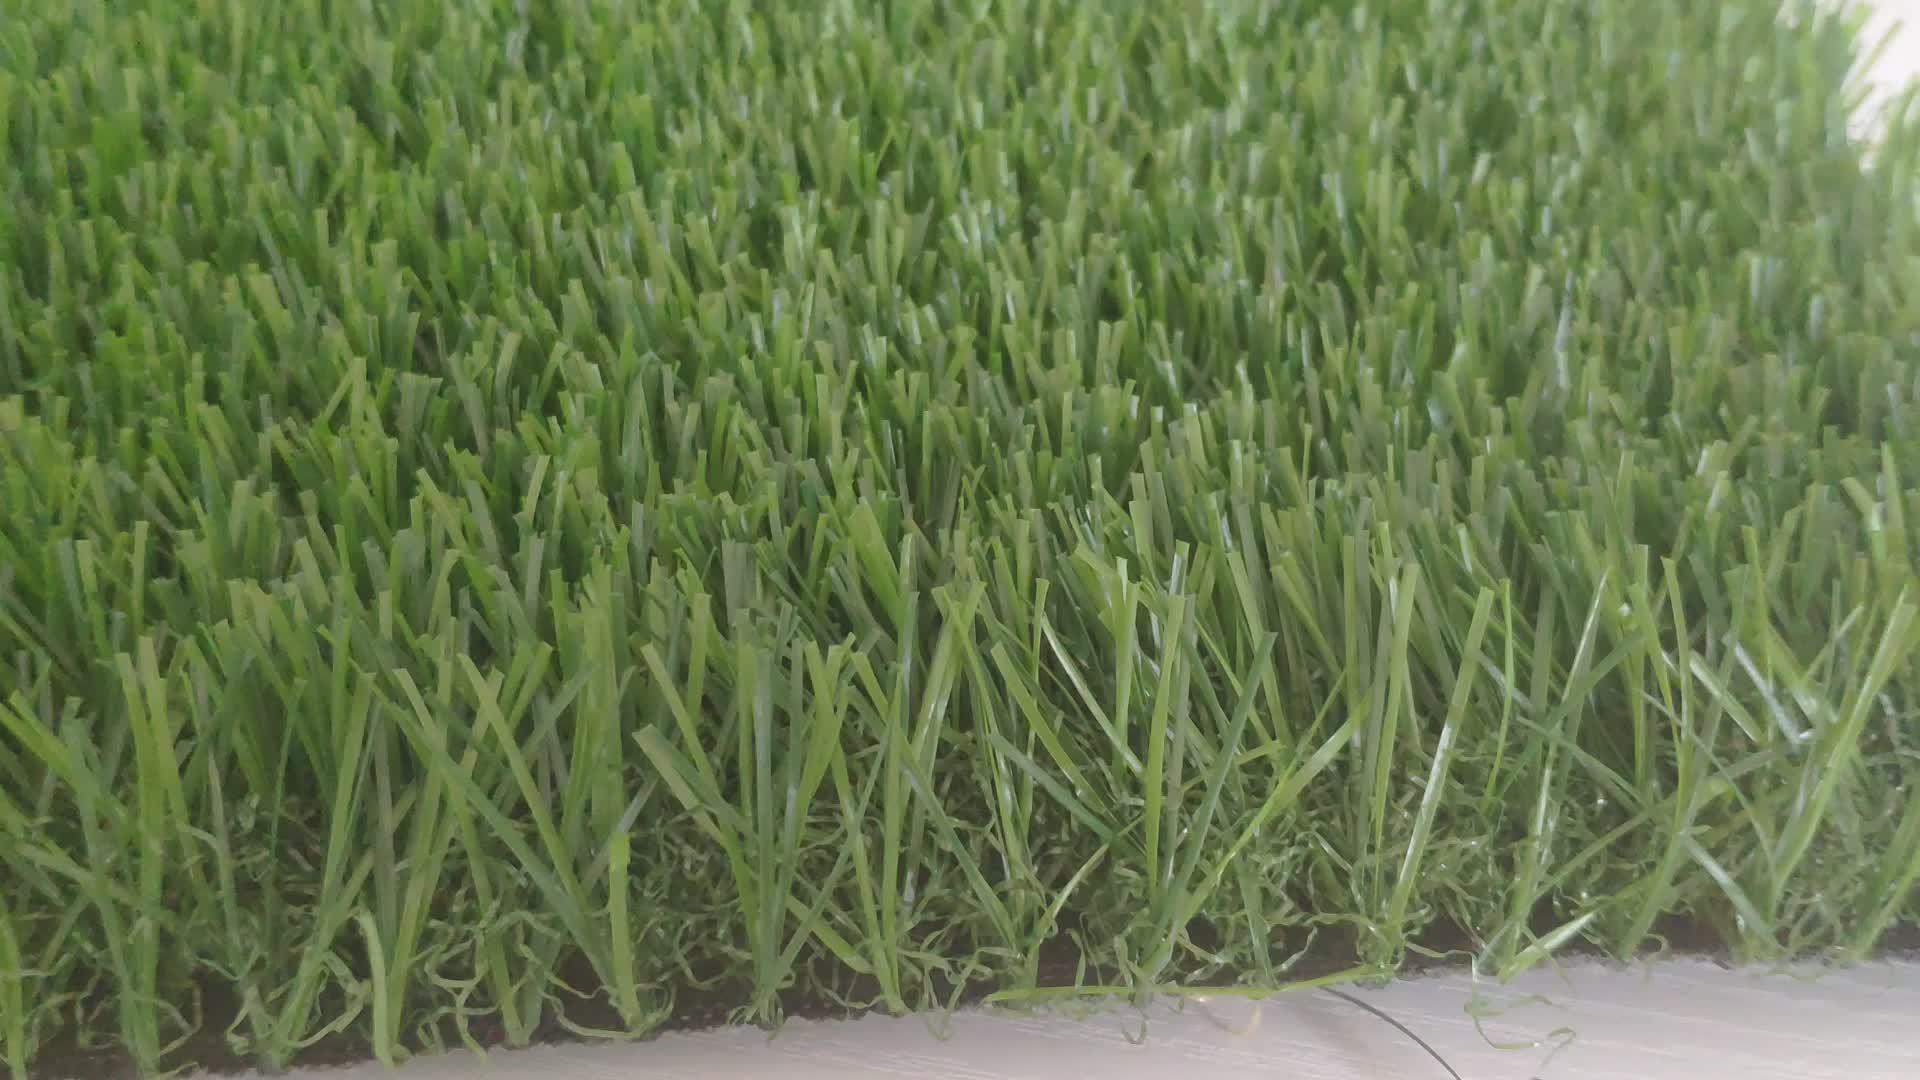 35 มม. 40 มม. ธรรมชาติถูกกว่าราคาหญ้าเทียมสำหรับภูมิทัศน์